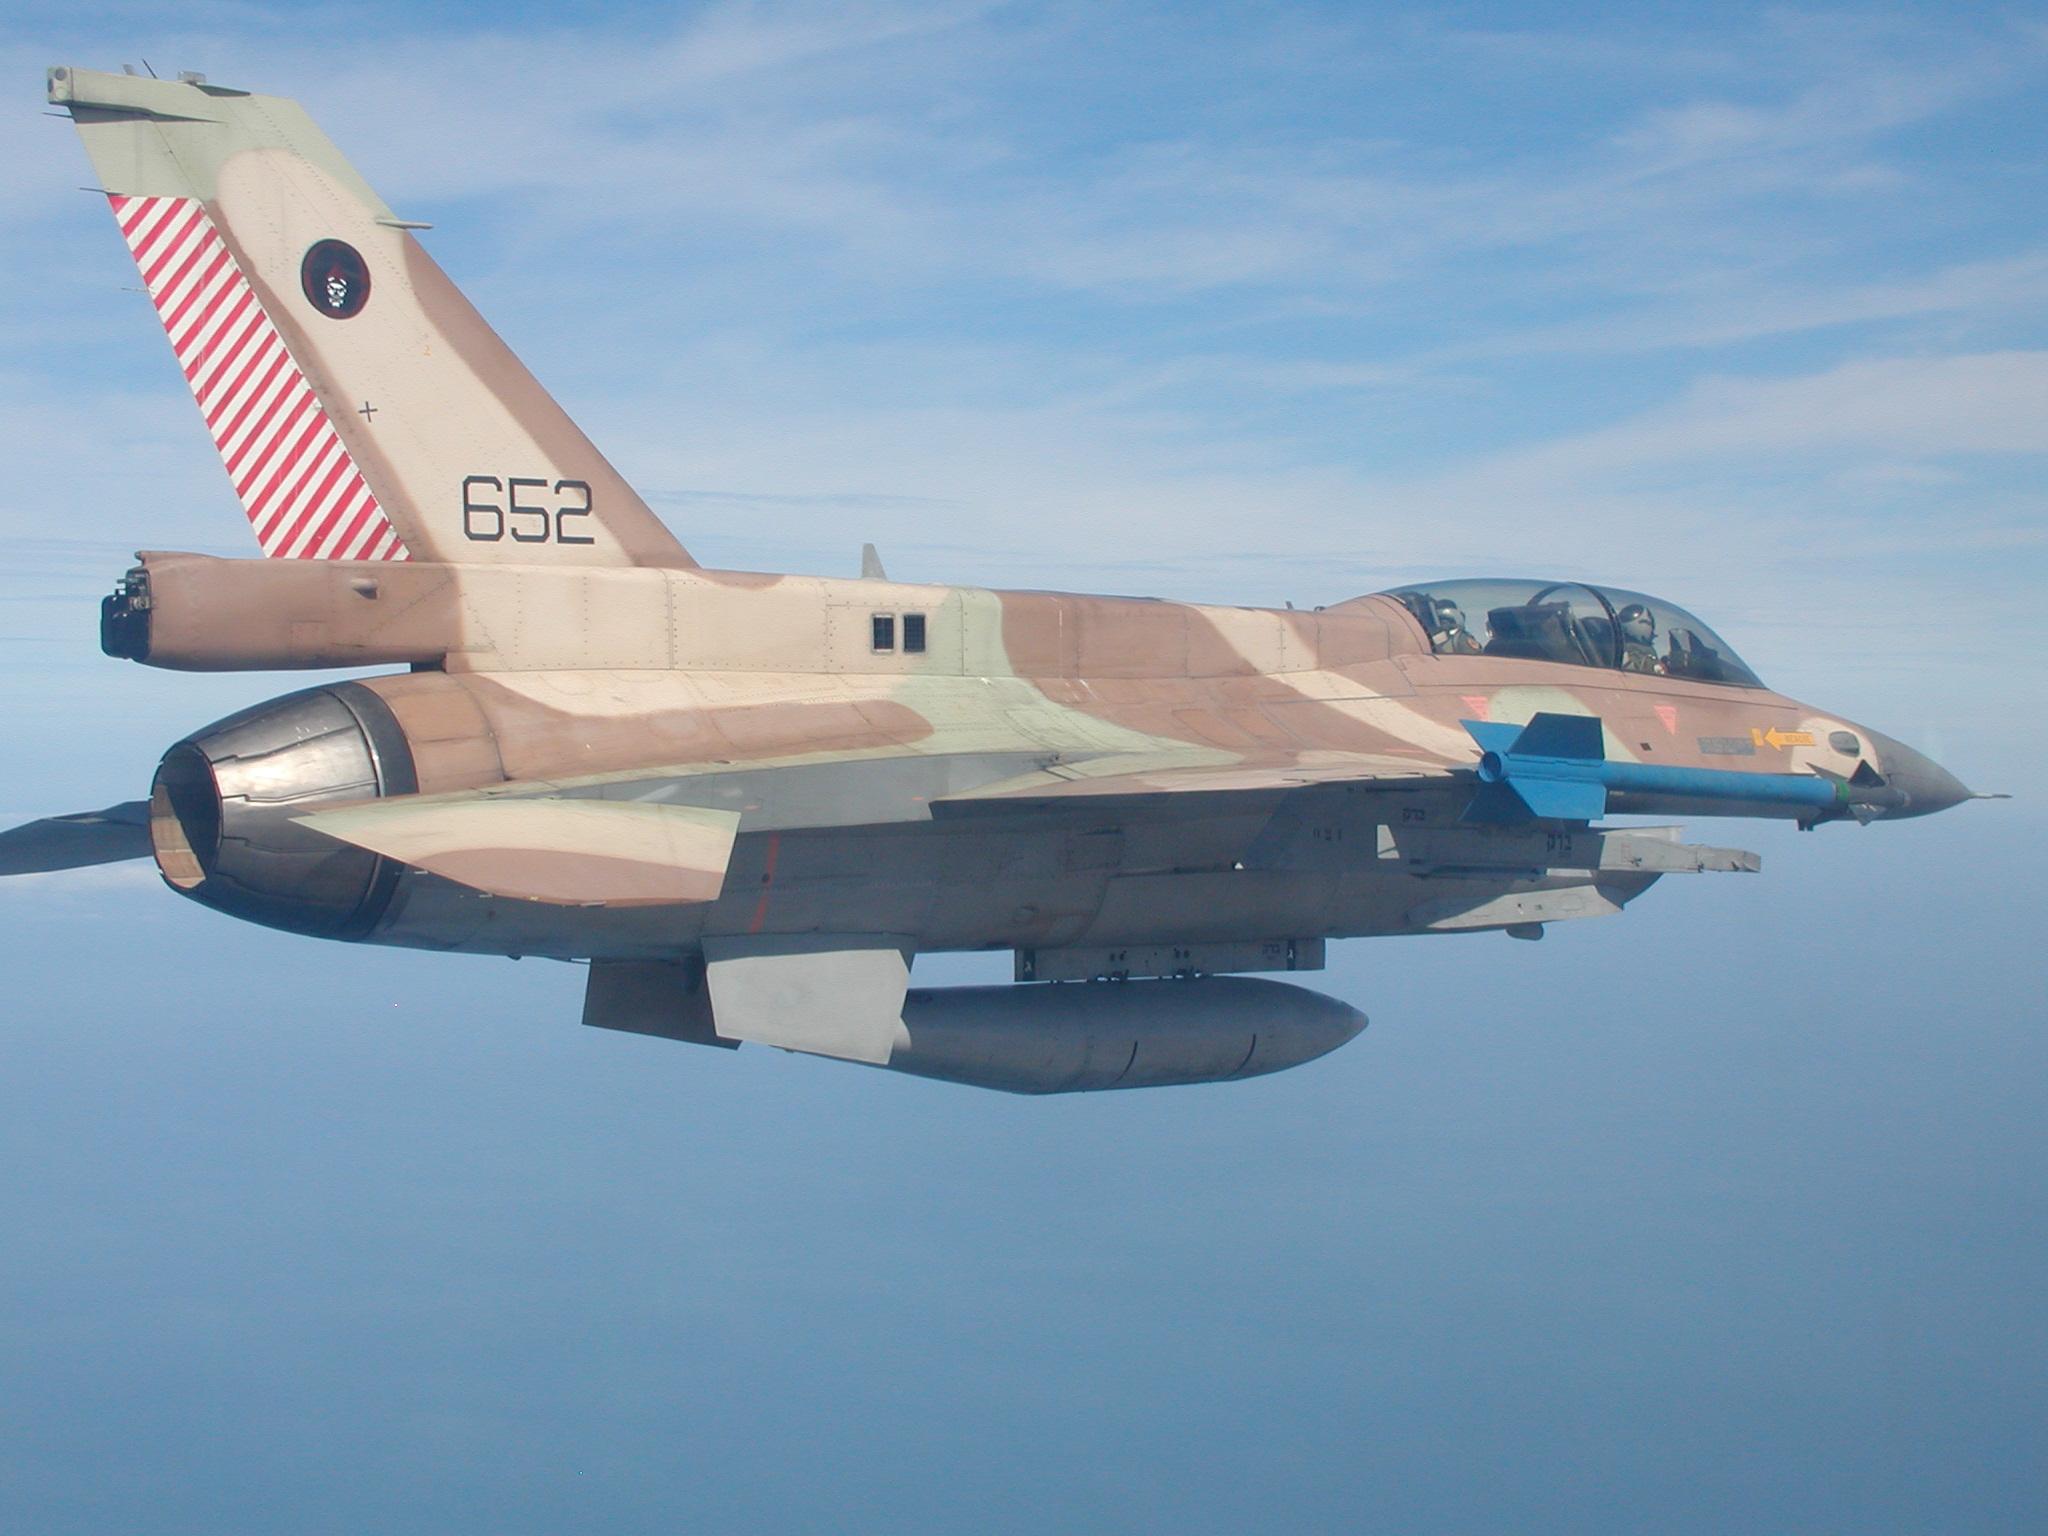 טיסת פרידה מחיל האוויר